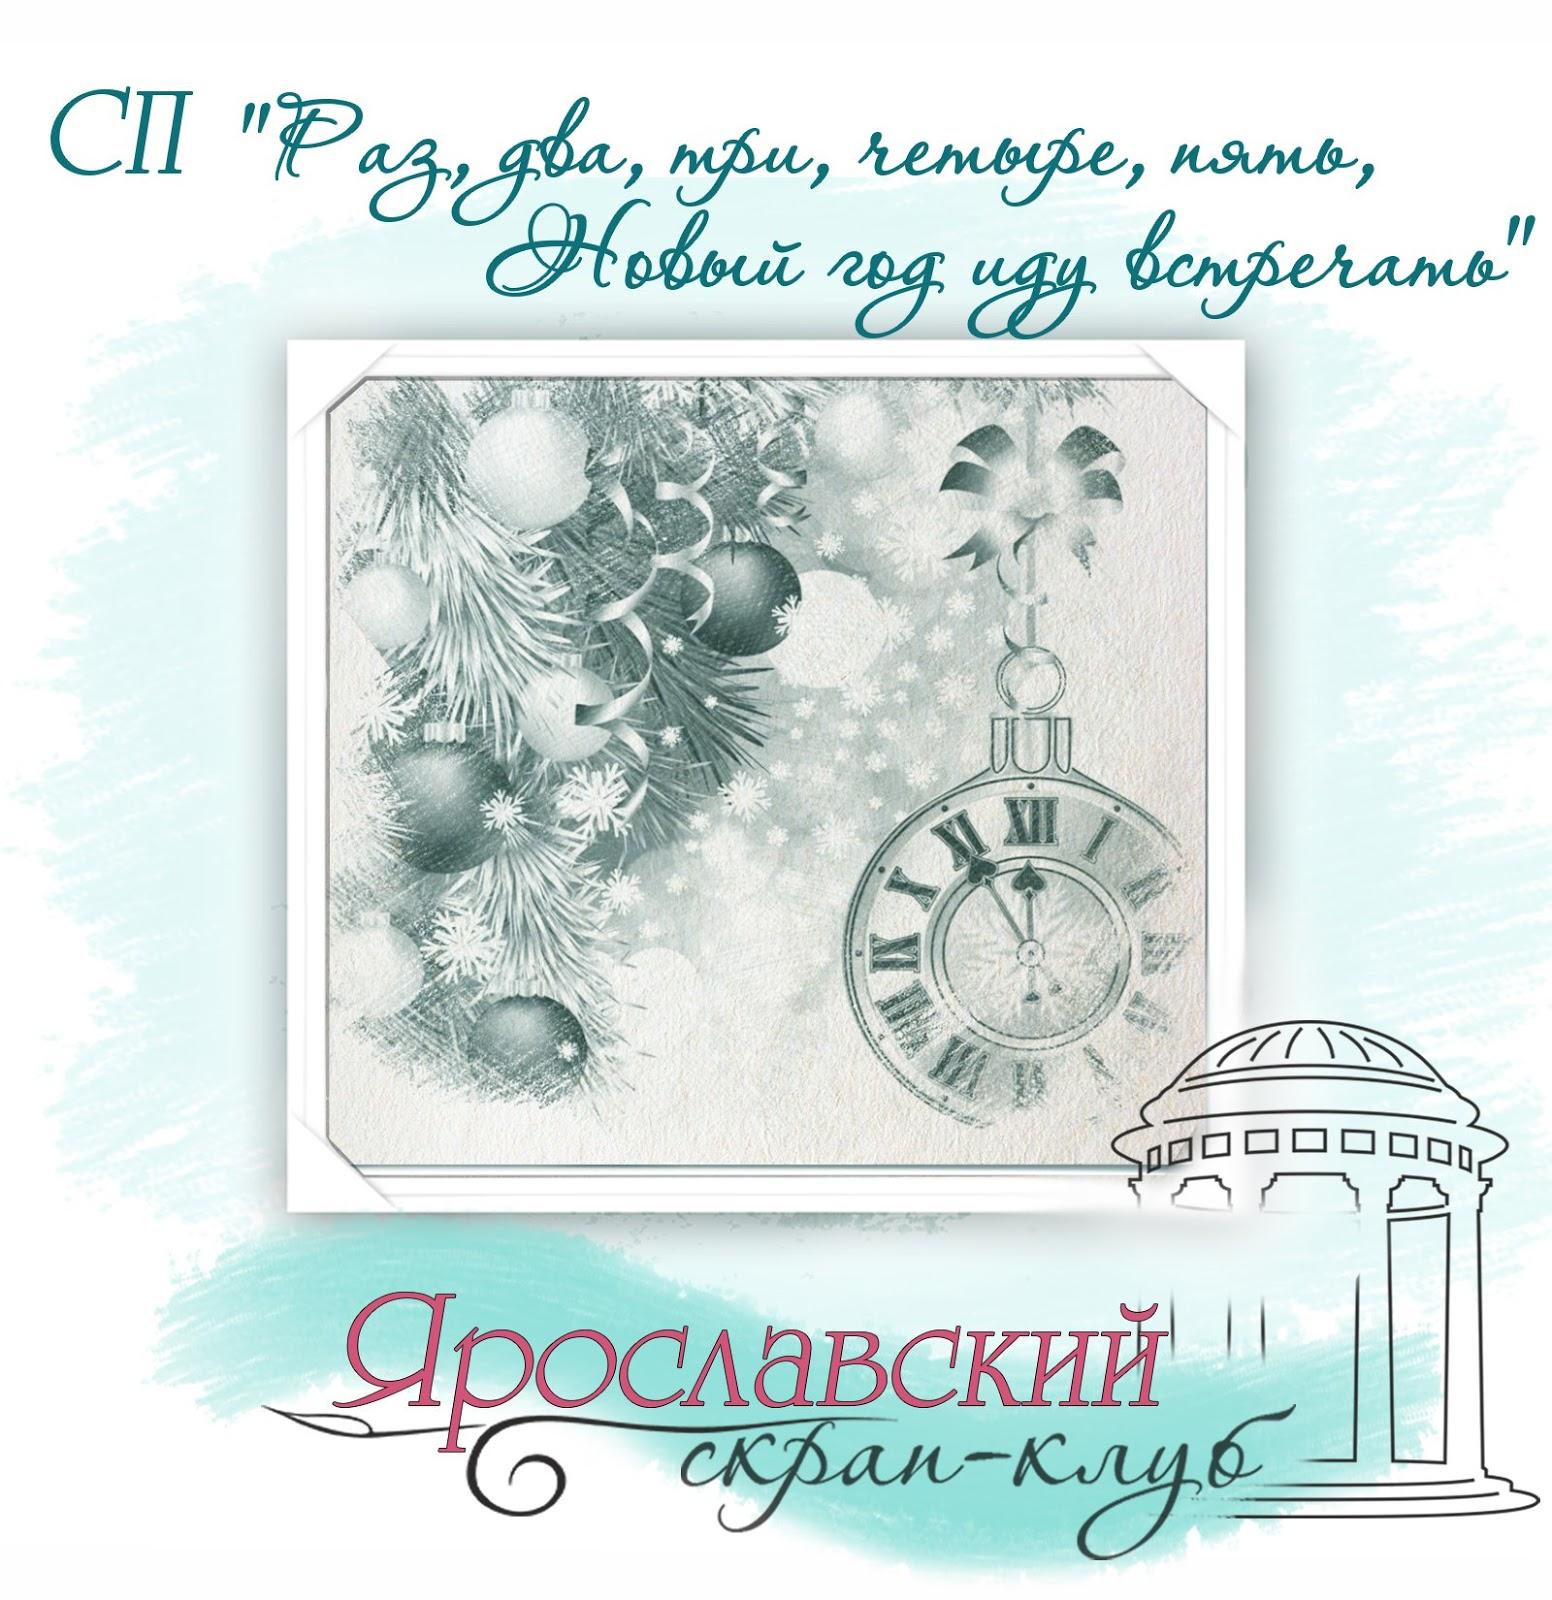 """СП """"Раз, два, три, четыре, пять, Новый год иду встречать"""""""